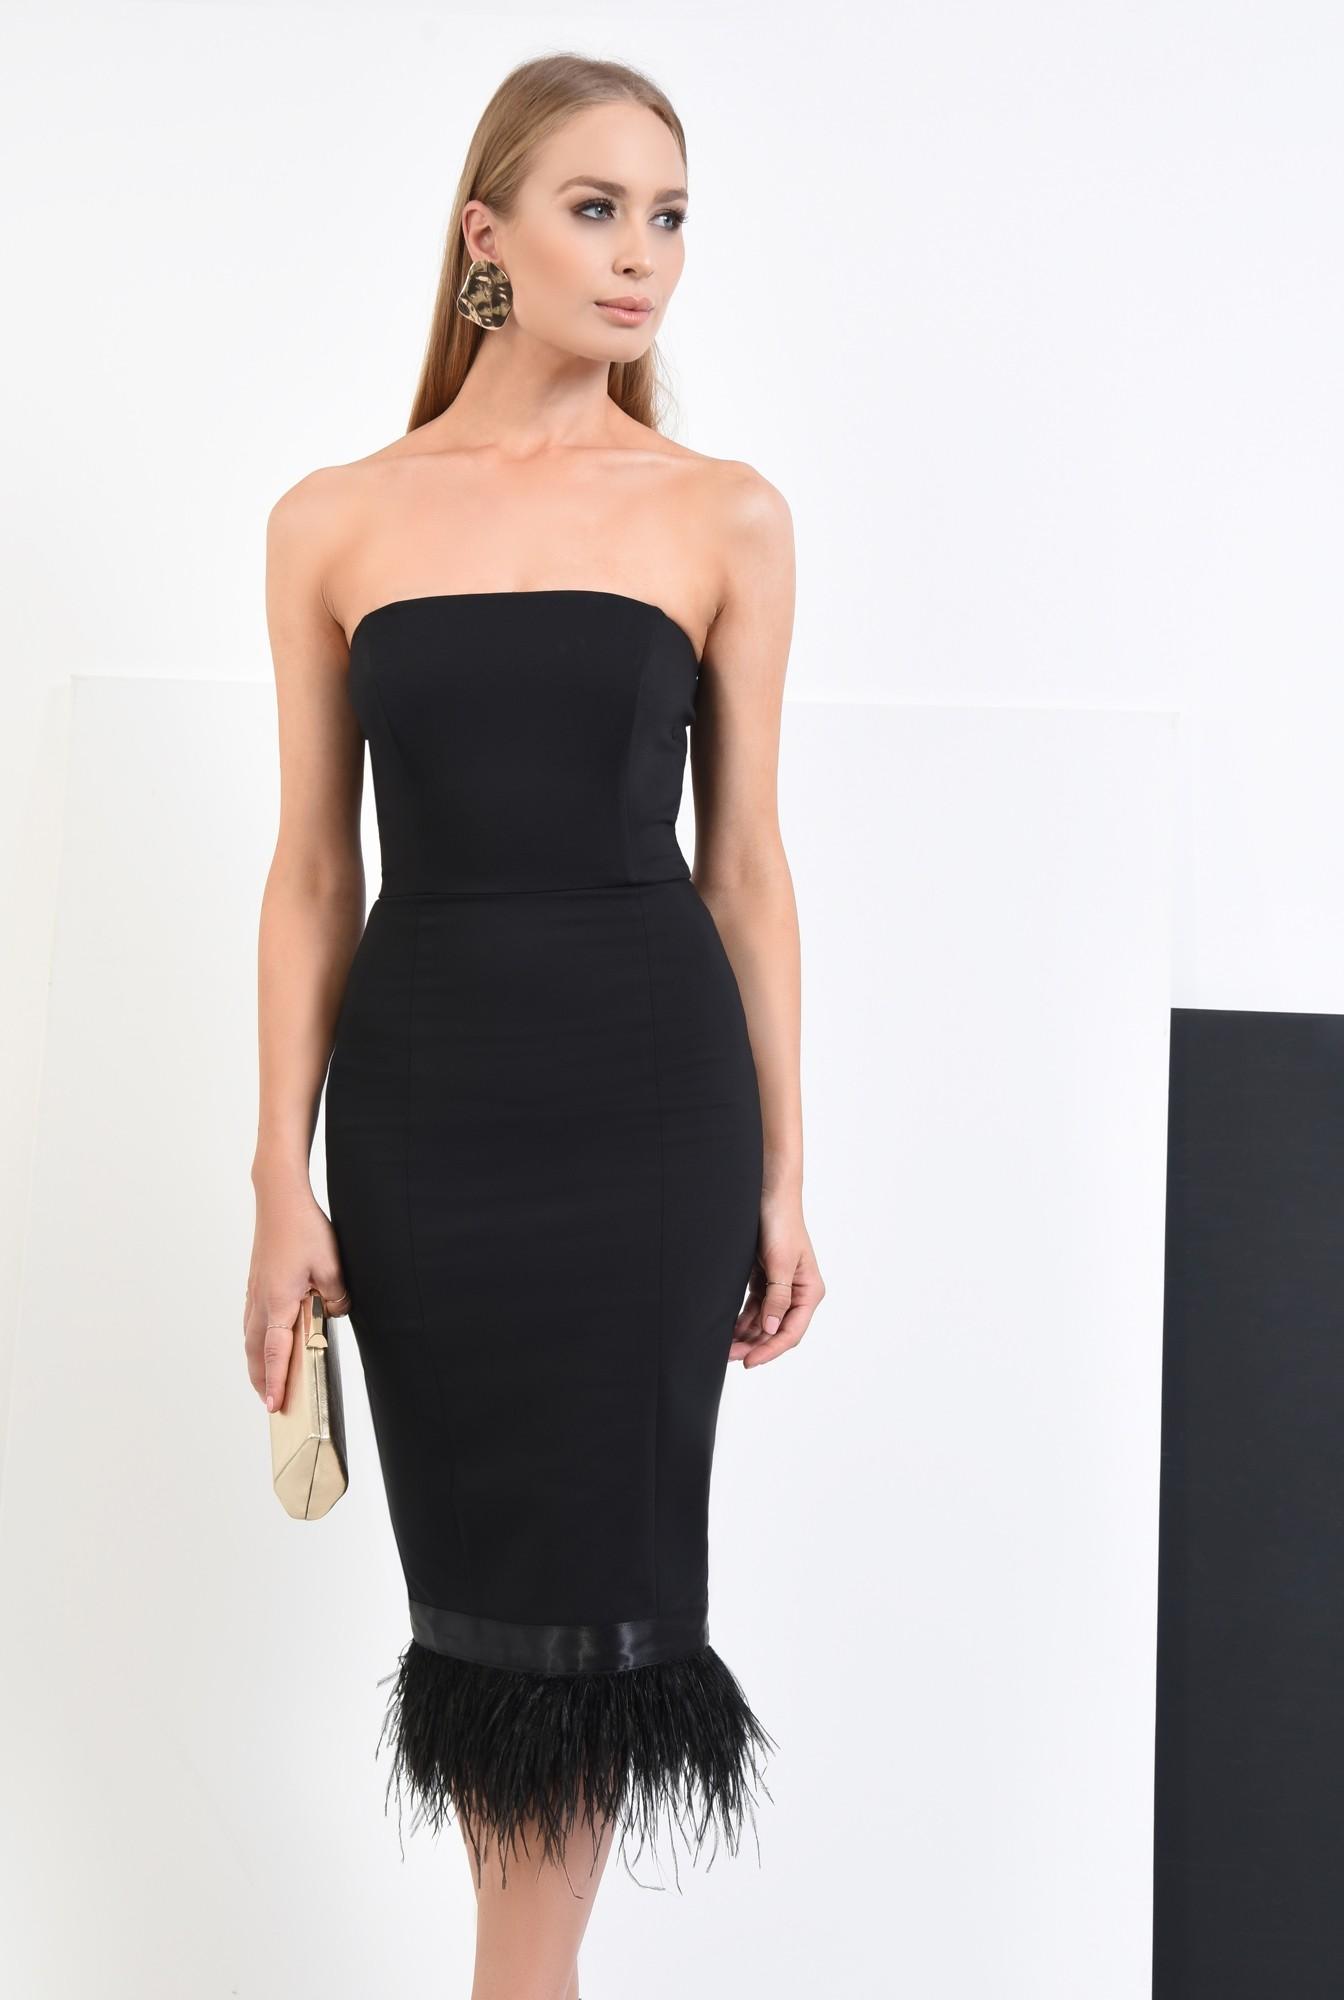 3 - rochie eleganta, negru, corset